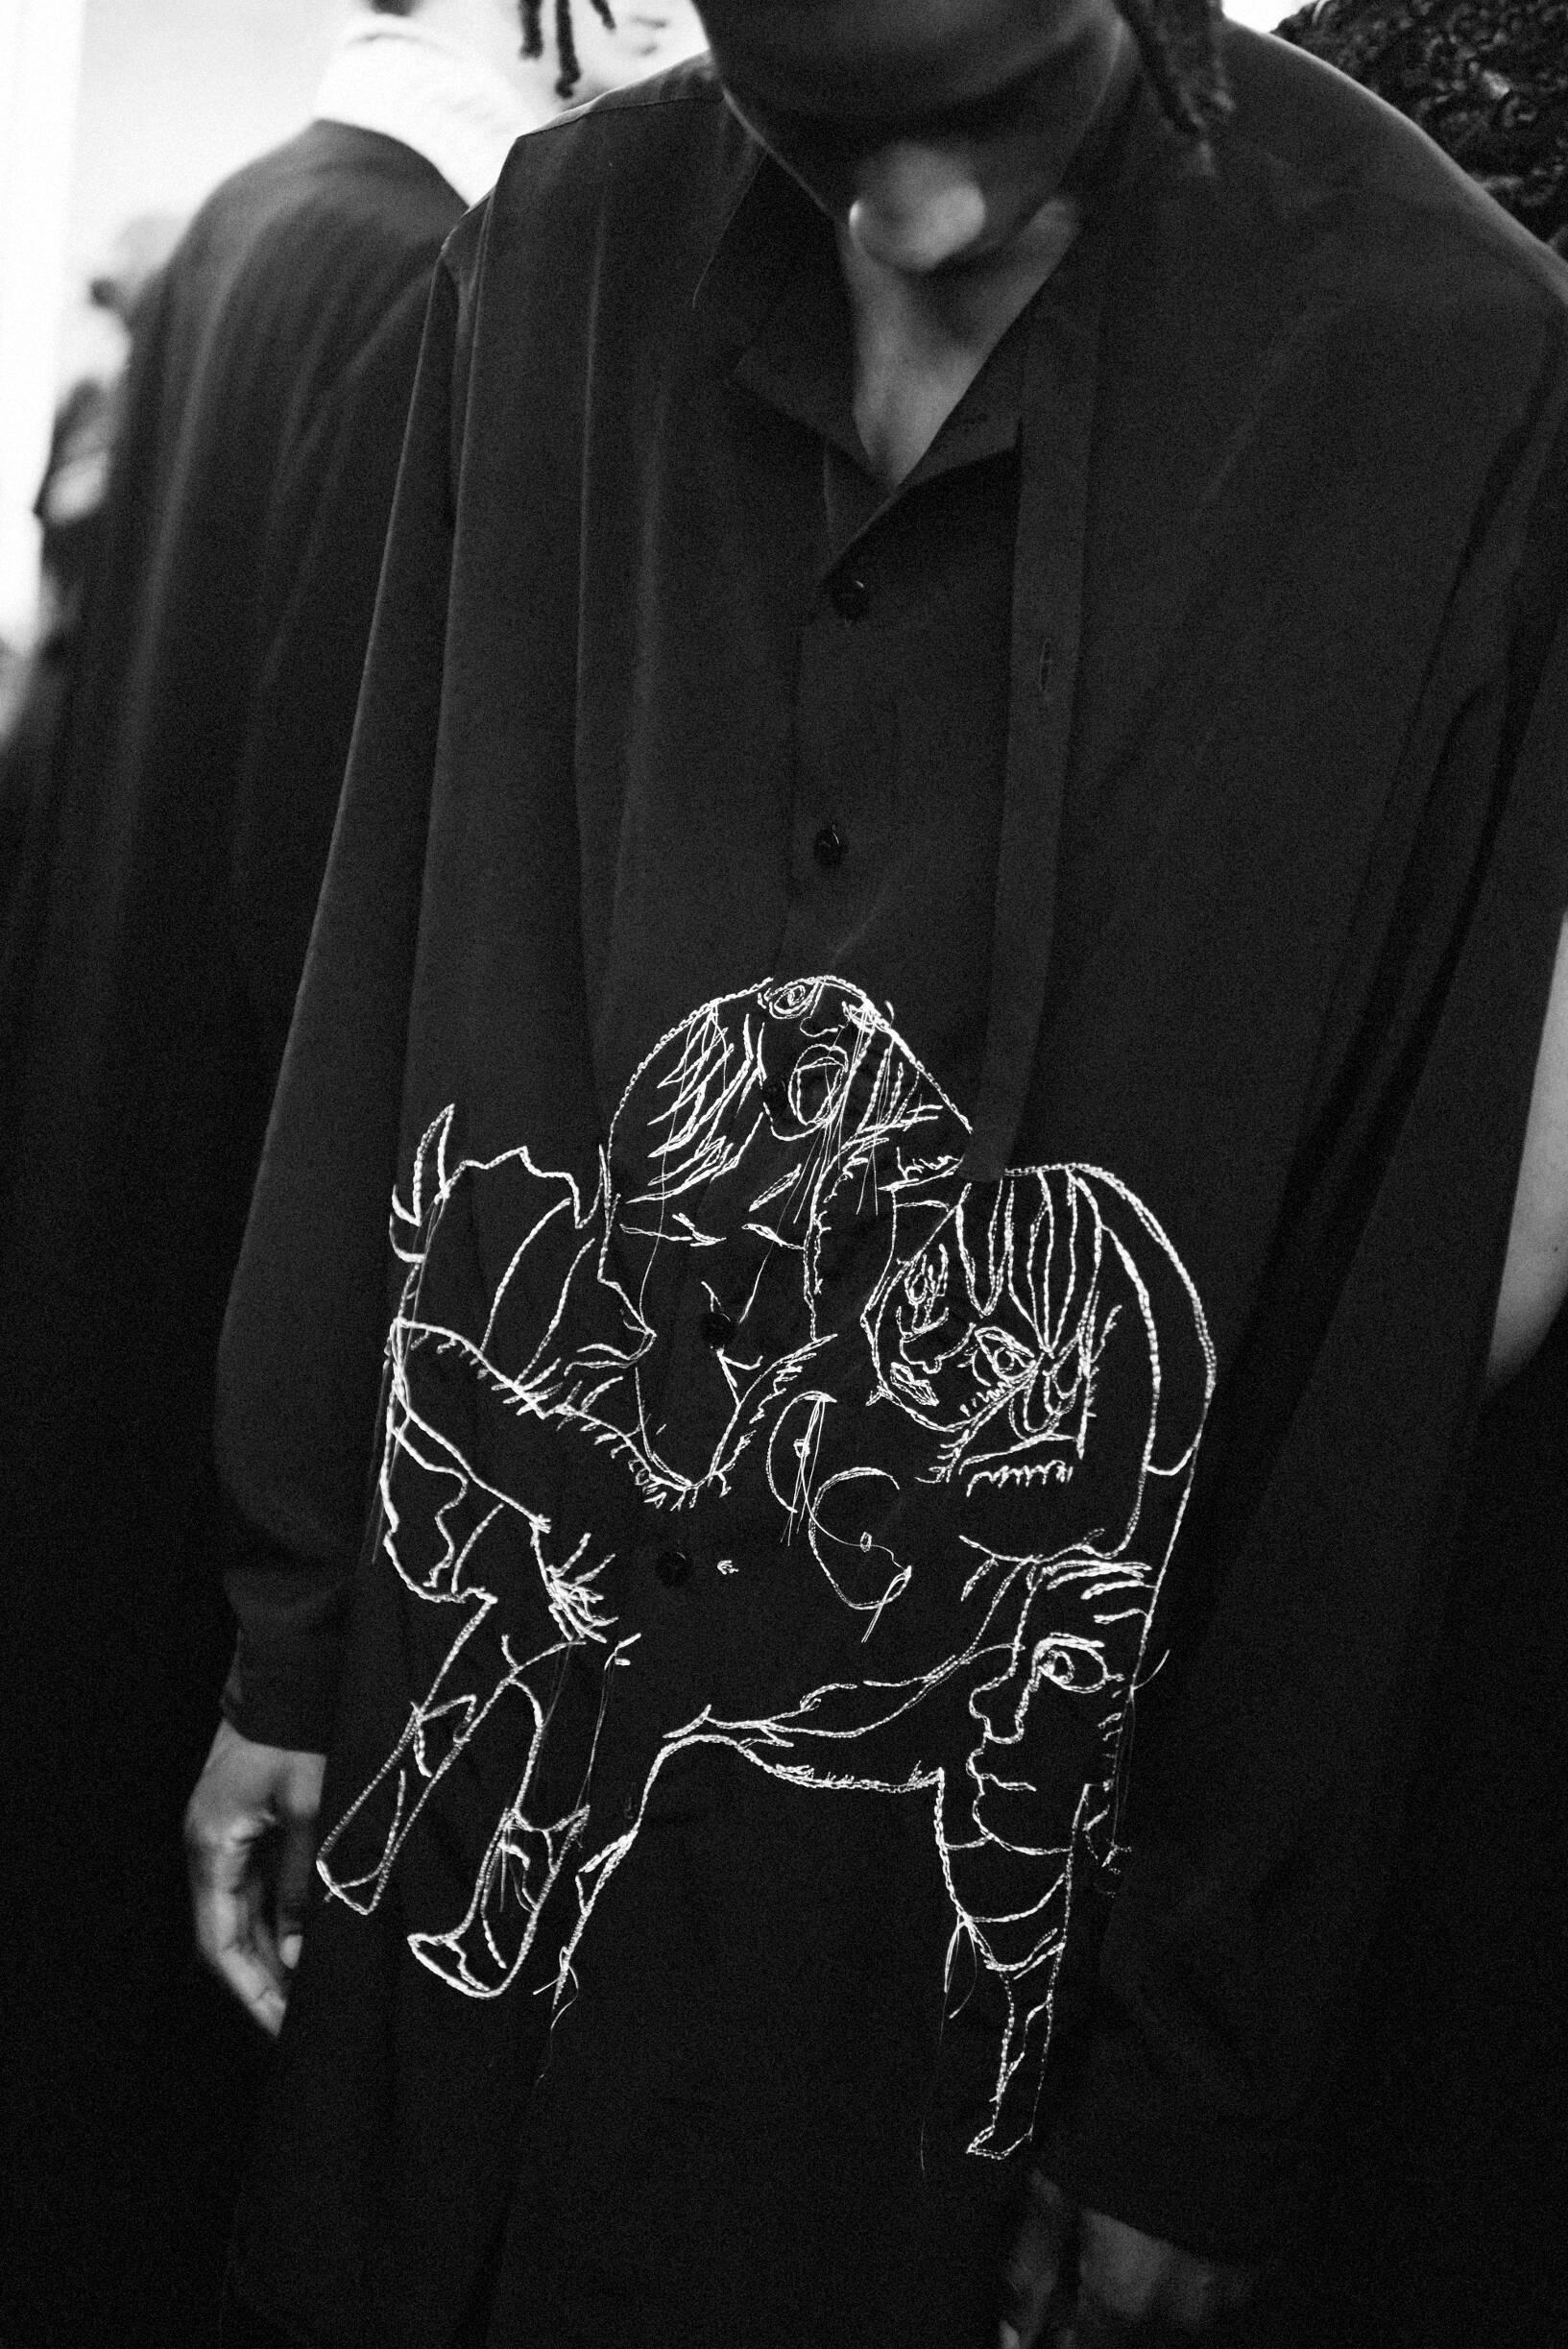 Backstage Yohji Yamamoto Detail 2020